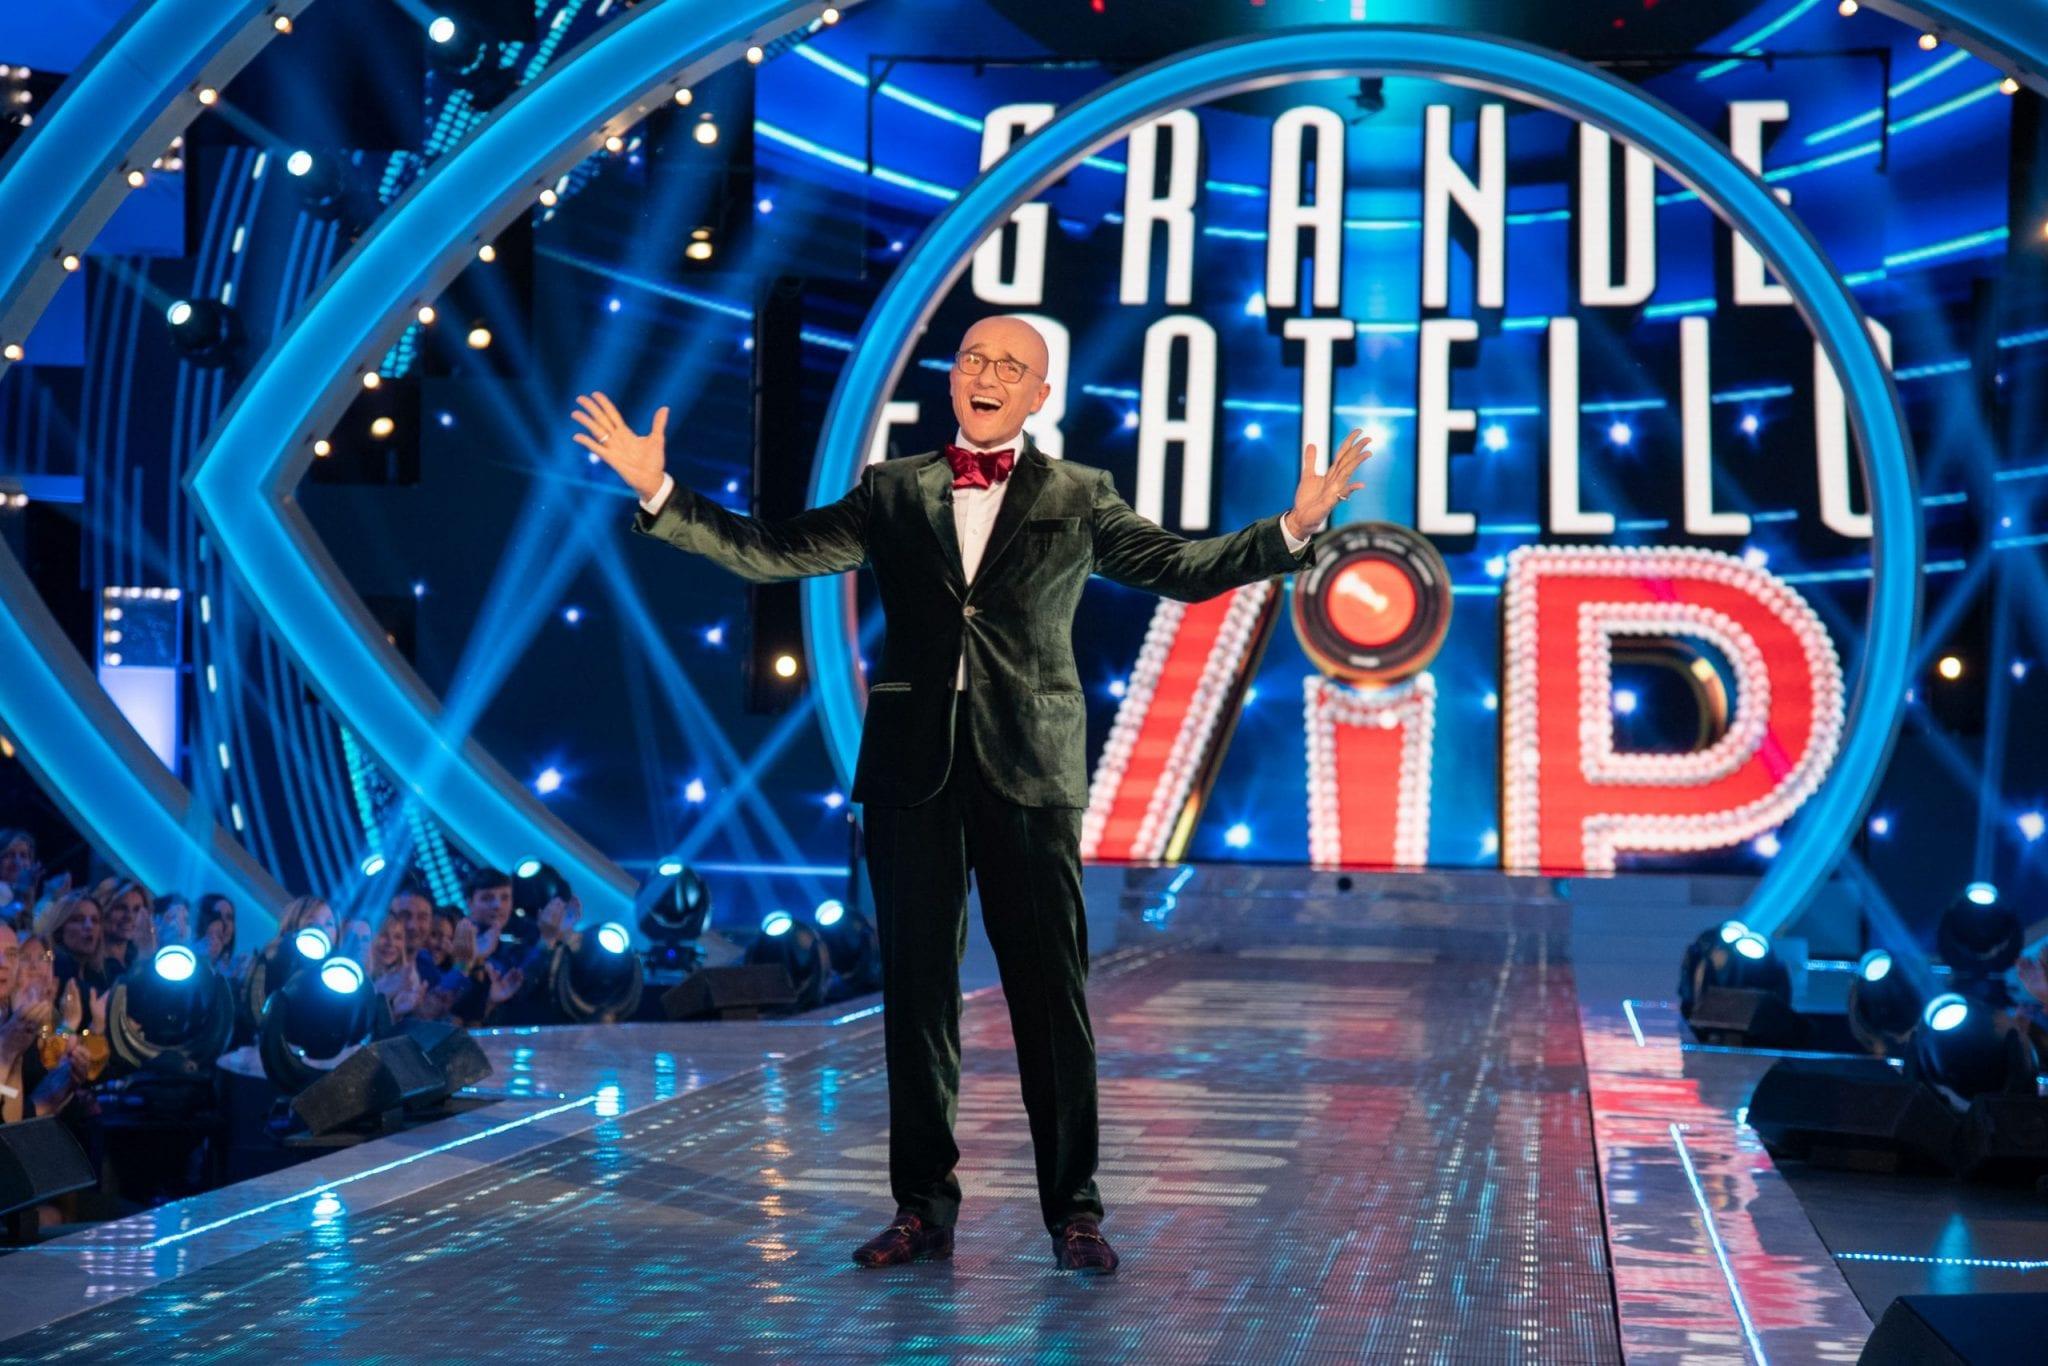 Live 25 gennaio 2021 · Grande Fratello Vip 5 trentaquattresima puntata. Il GFVip è condotto da Alfonso Signorini, in prima serata su Canale5